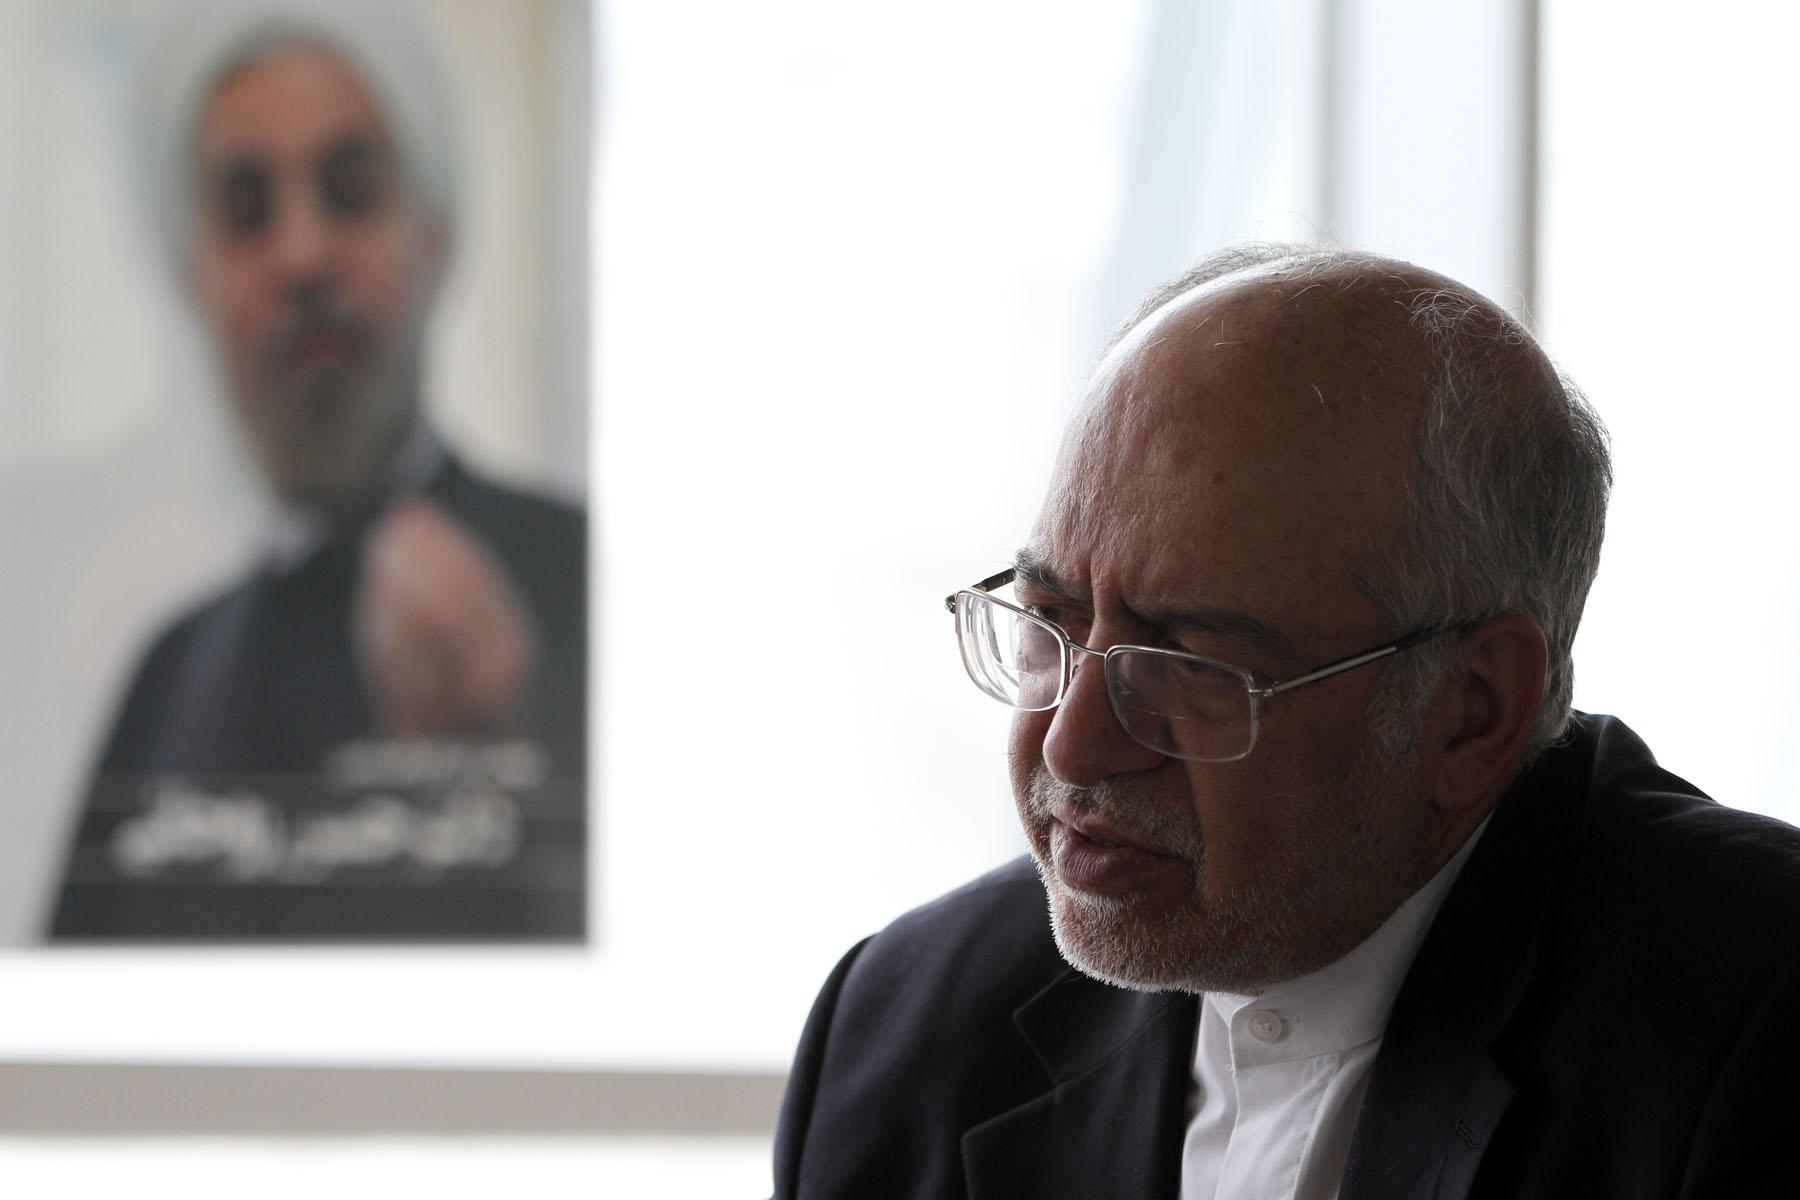 رئیس ستاد انتخاباتی روحانی  تشریح کرد: دریافت مالیات از آنانی که به علت نامعلوم معاف شده اند